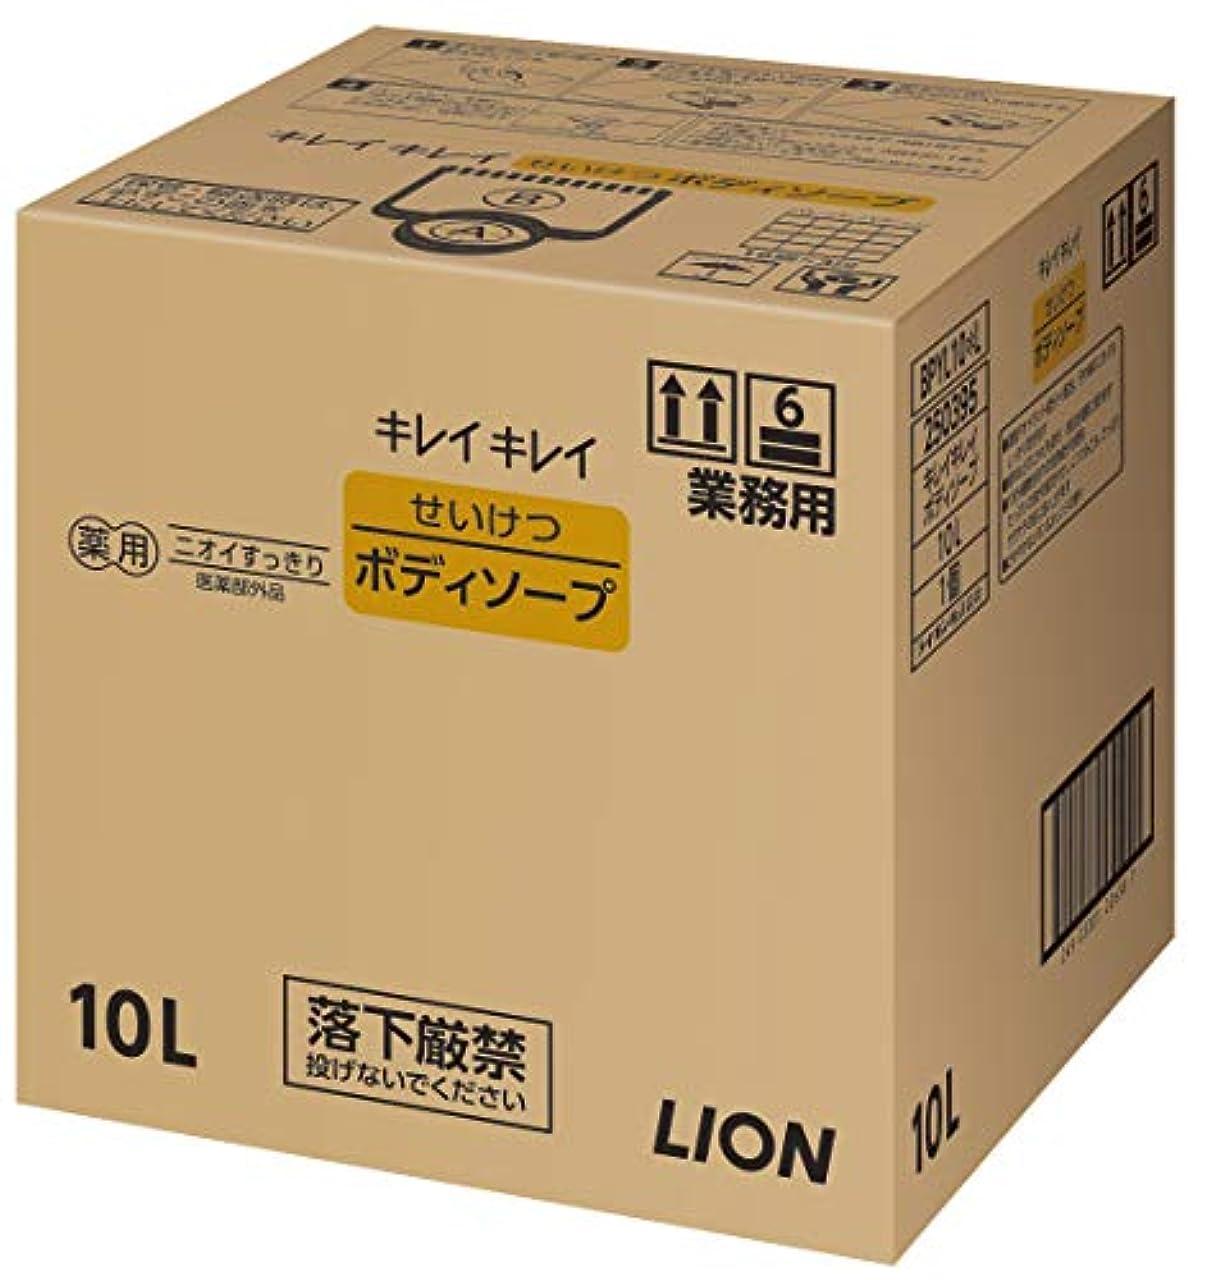 クリップ蝶話をするフィットキレイキレイ せいけつボディソープ さわやかなレモン&オレンジの香り 業務用 10L